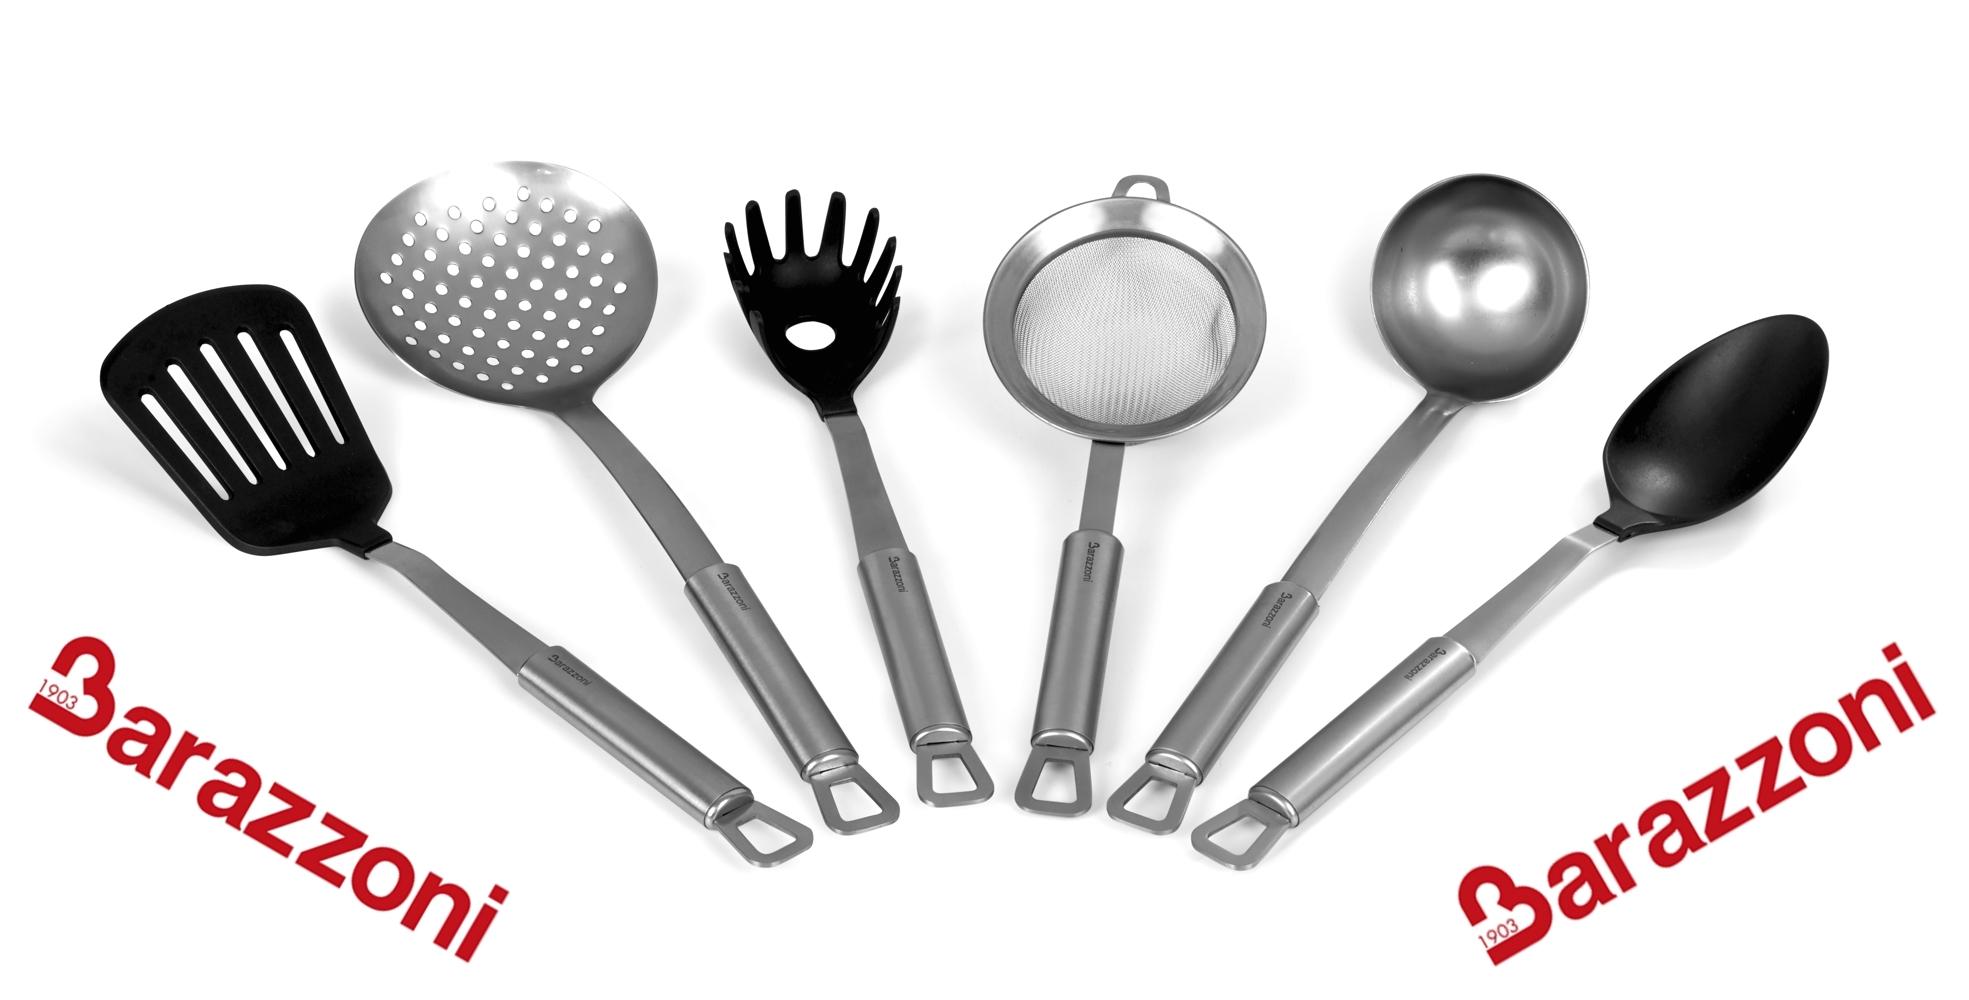 barazzoni my utensil gruppo